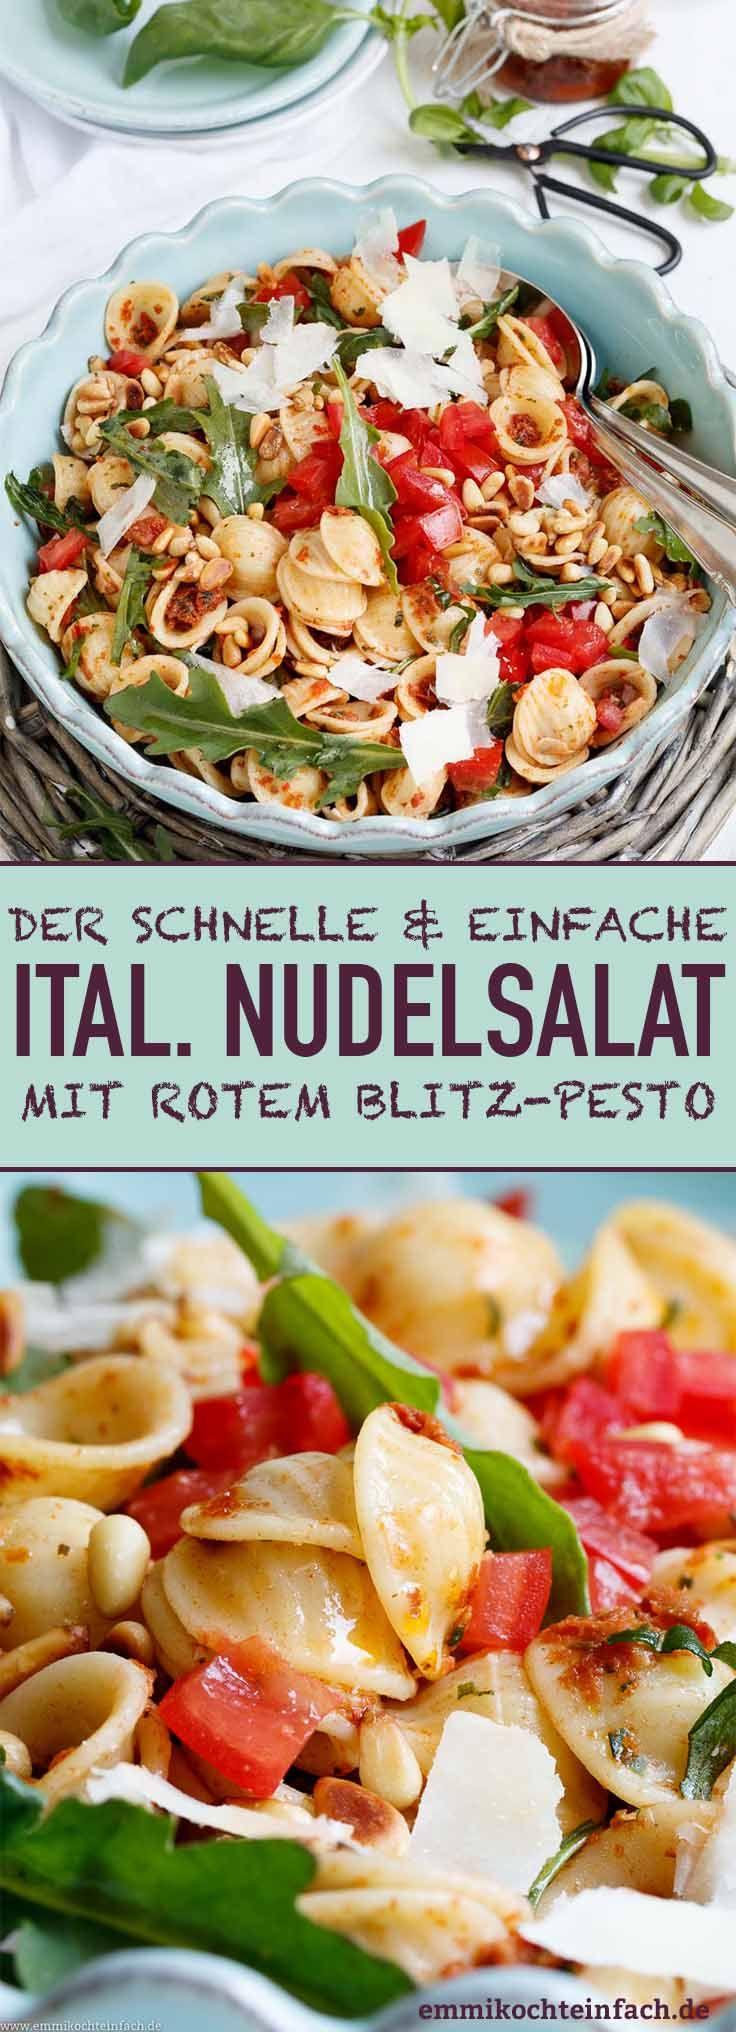 Italian Pasta Salad with Red Lightning Pesto   – emmikochteinfach – Der Food-Blog mit einfachen Rezepten, die gelingen